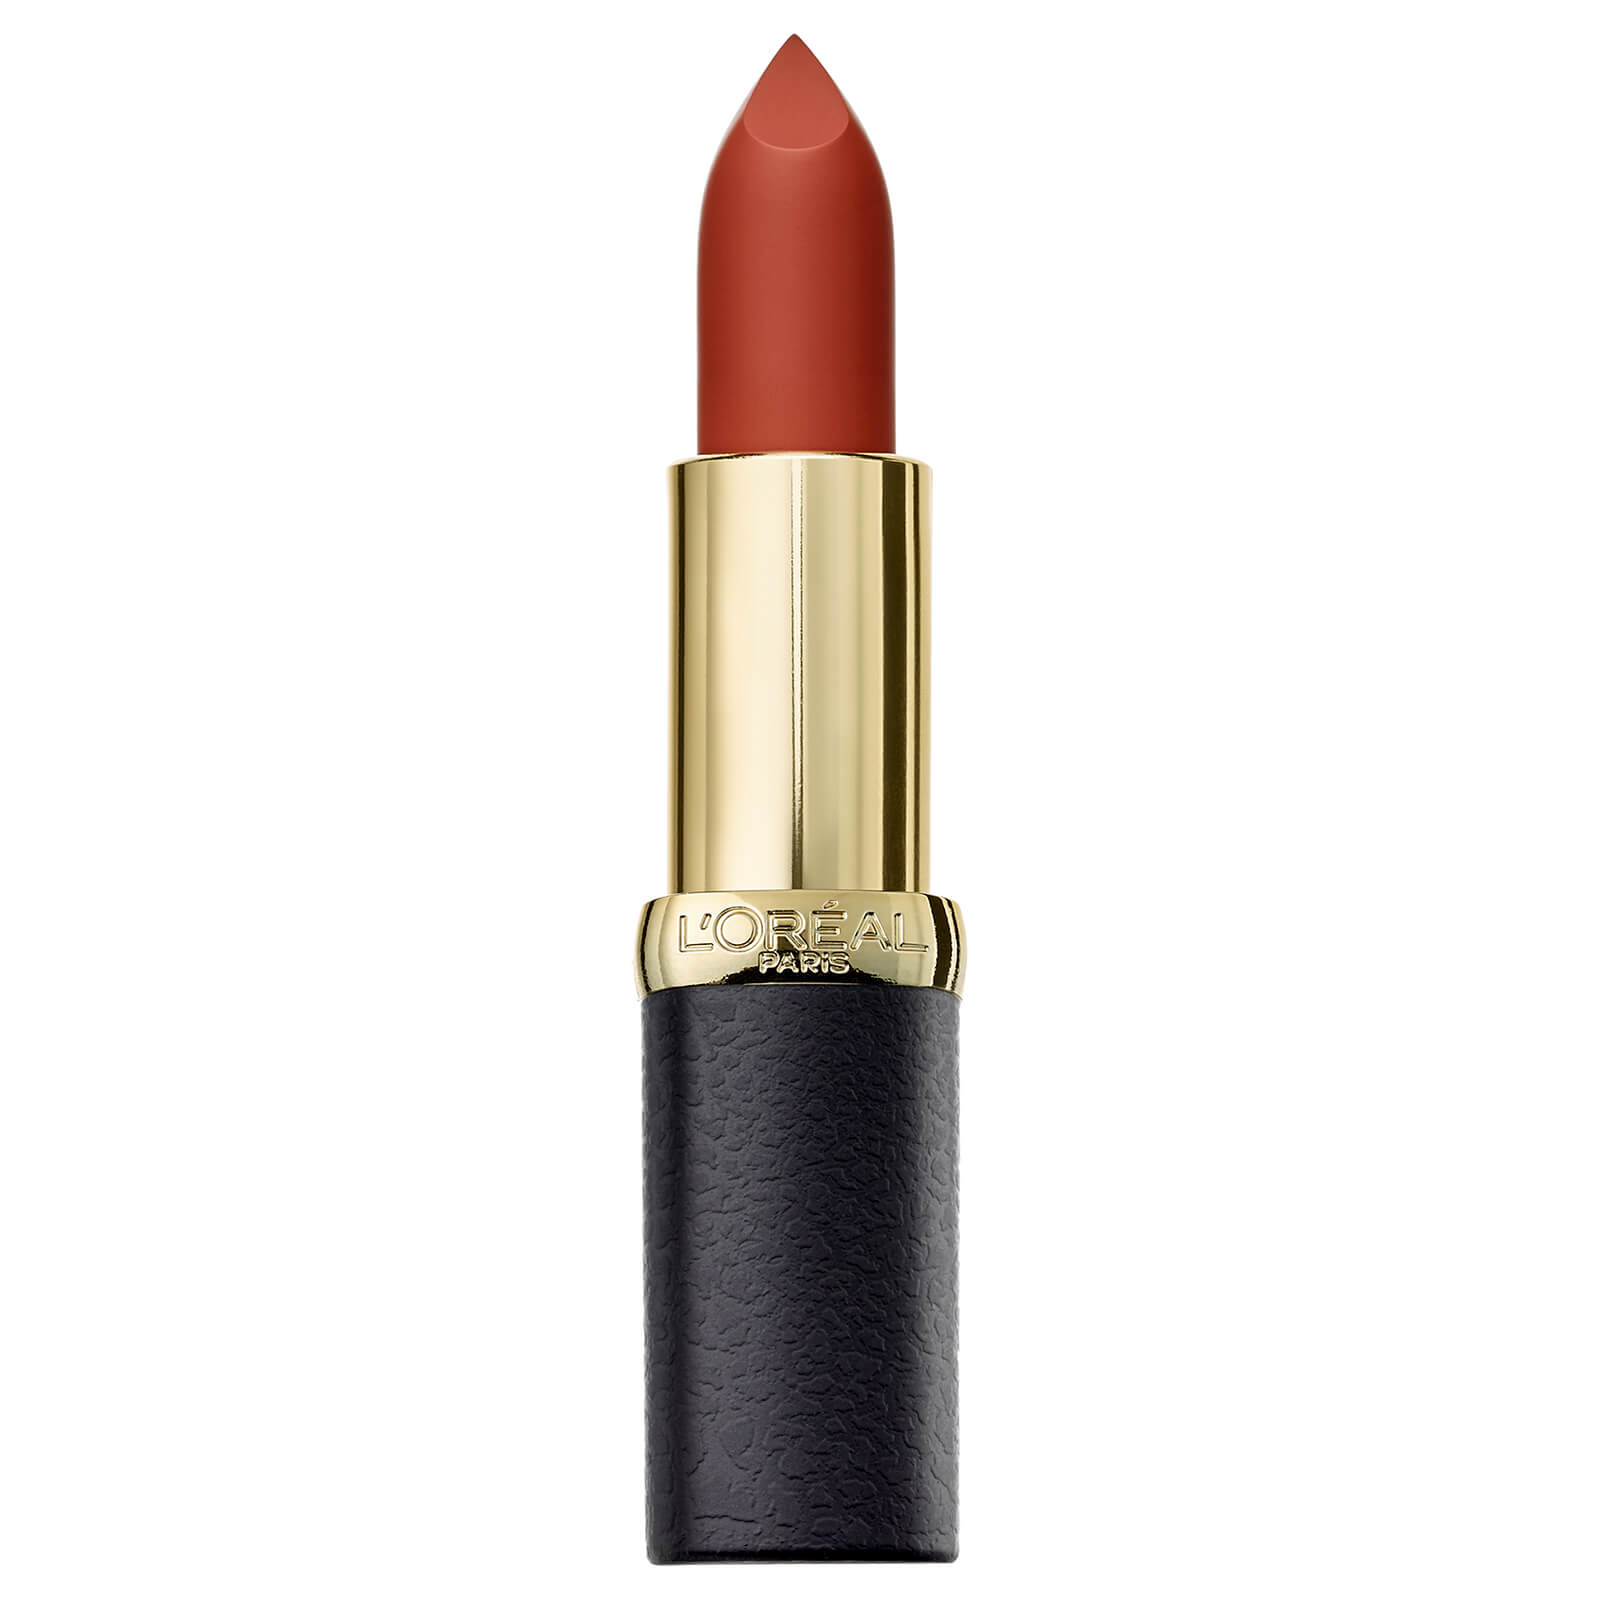 Купить L'Oréal Paris Color Riche Matte Addiction Lipstick 4.8g (Various Shades) - 655 Copper Clutch